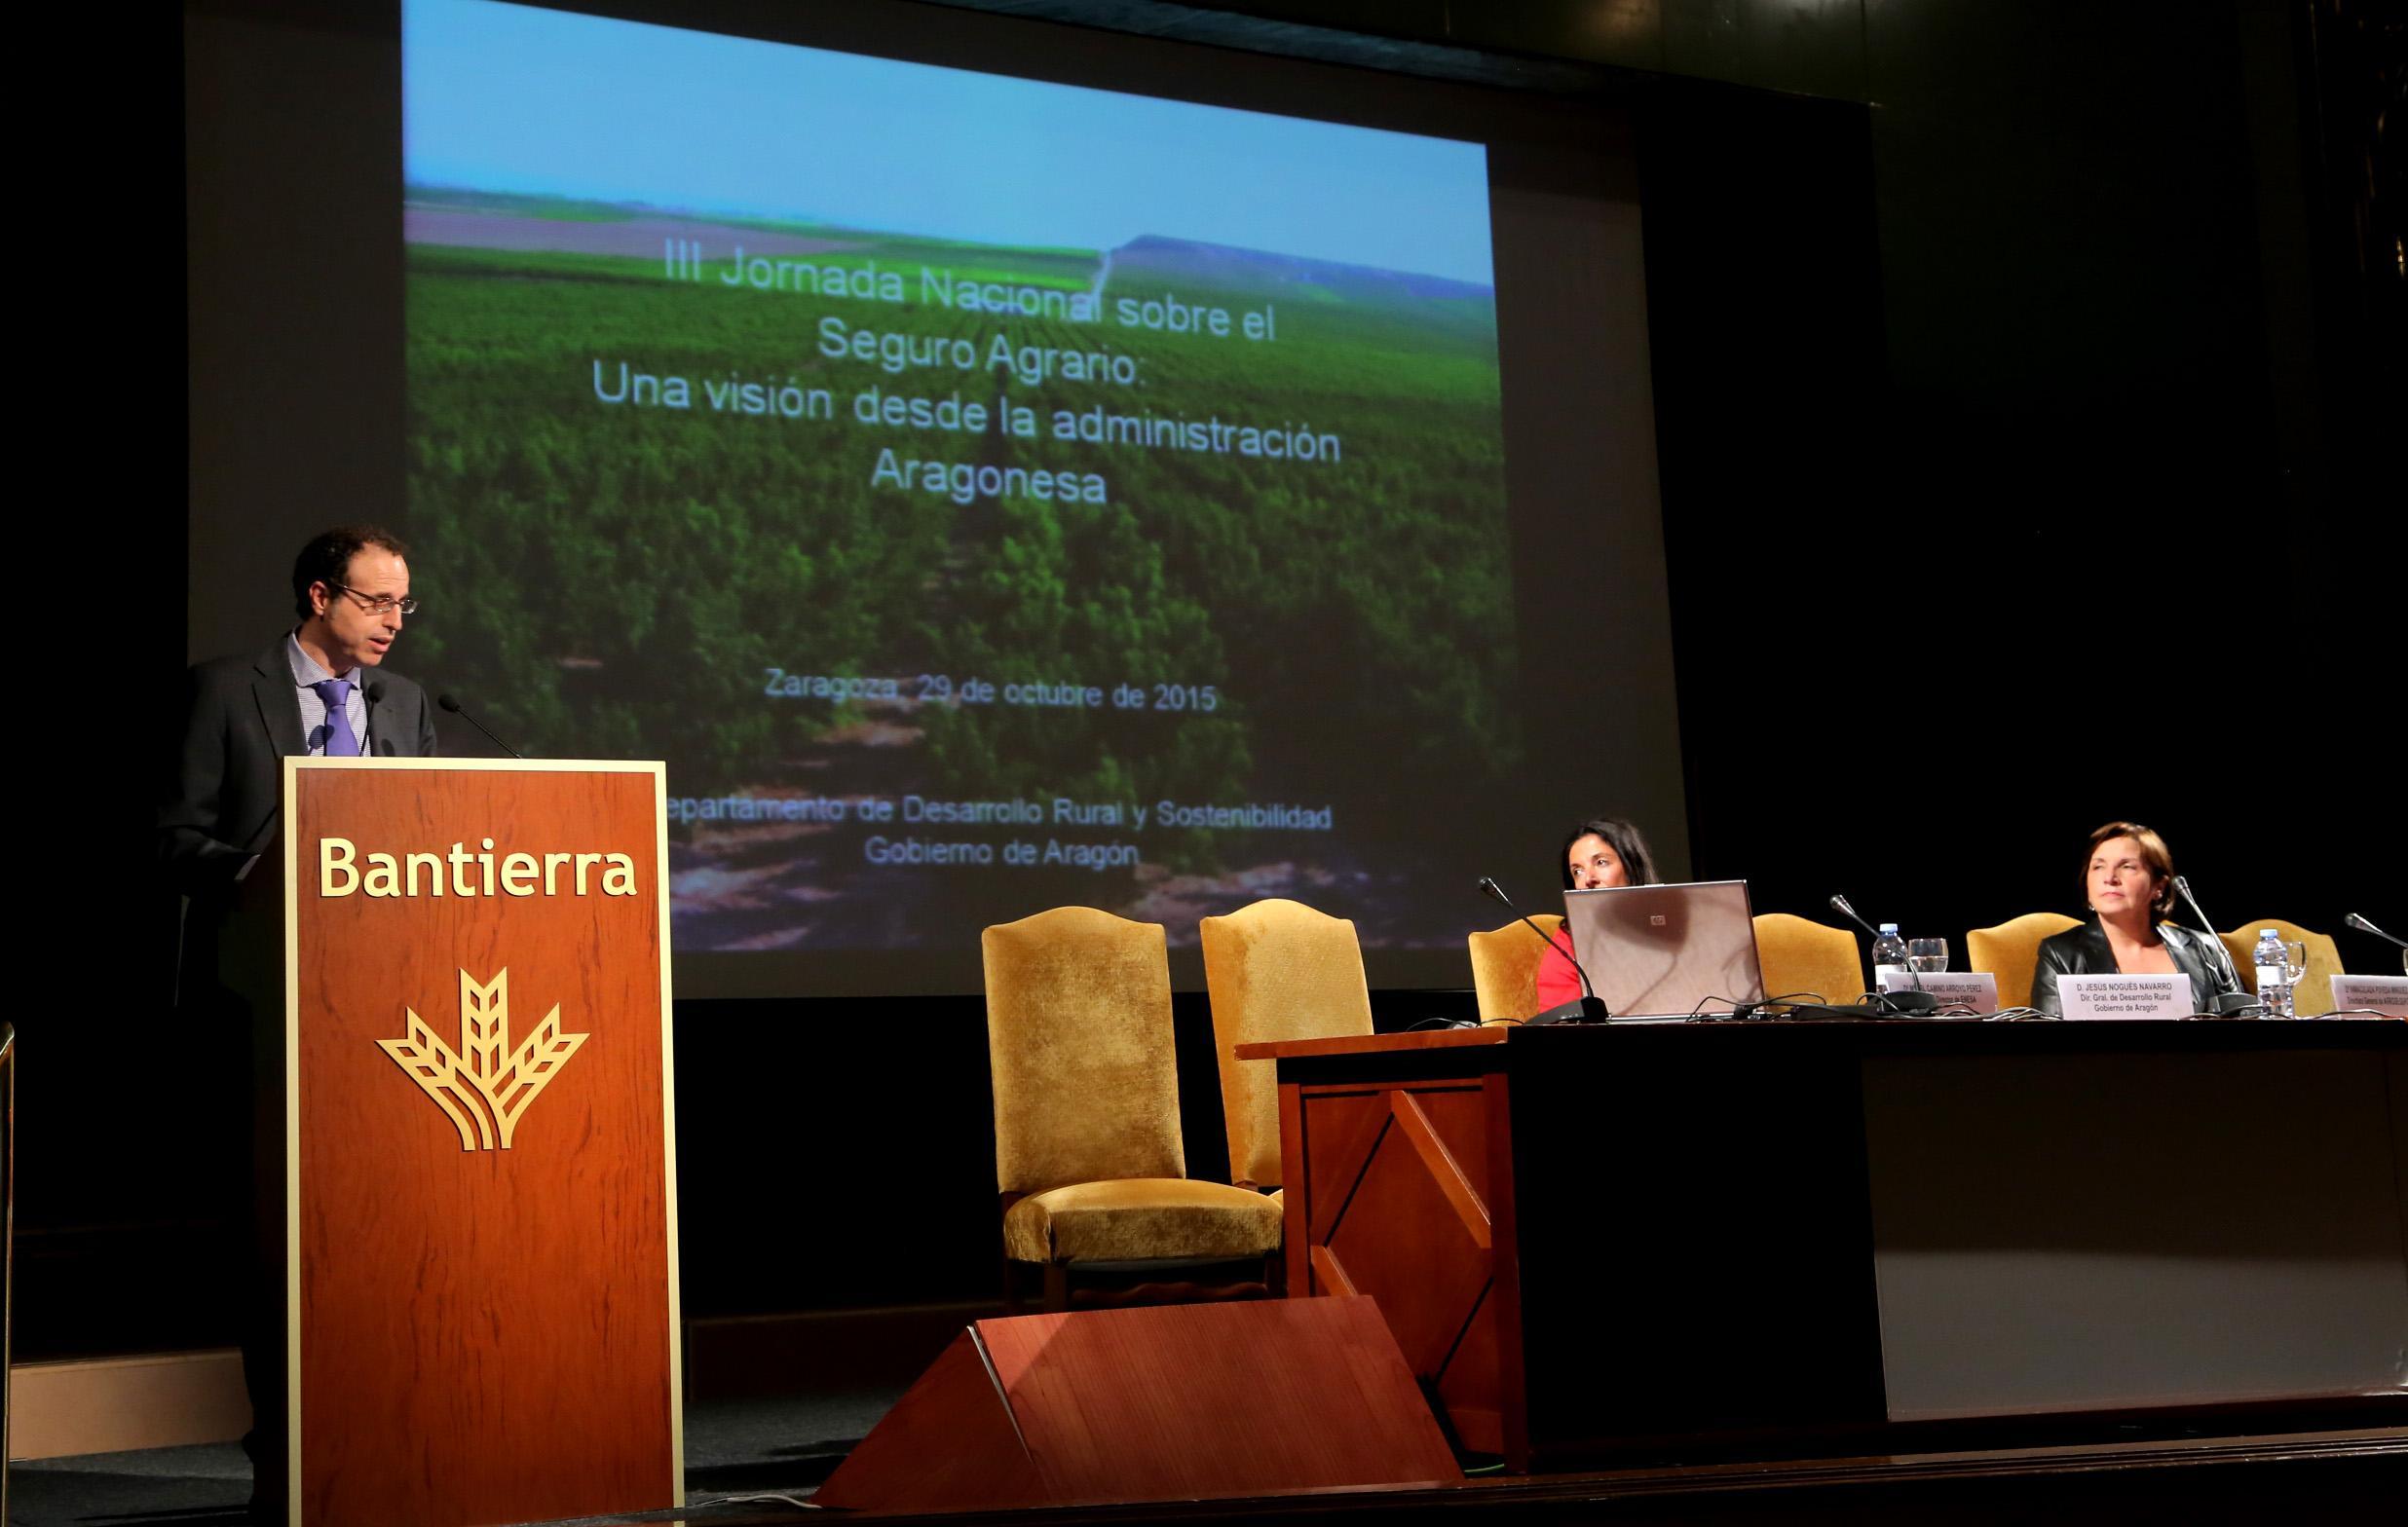 D. Jesús Nogues, Director General de Desarrollo Rural del Gobierno de Aragón